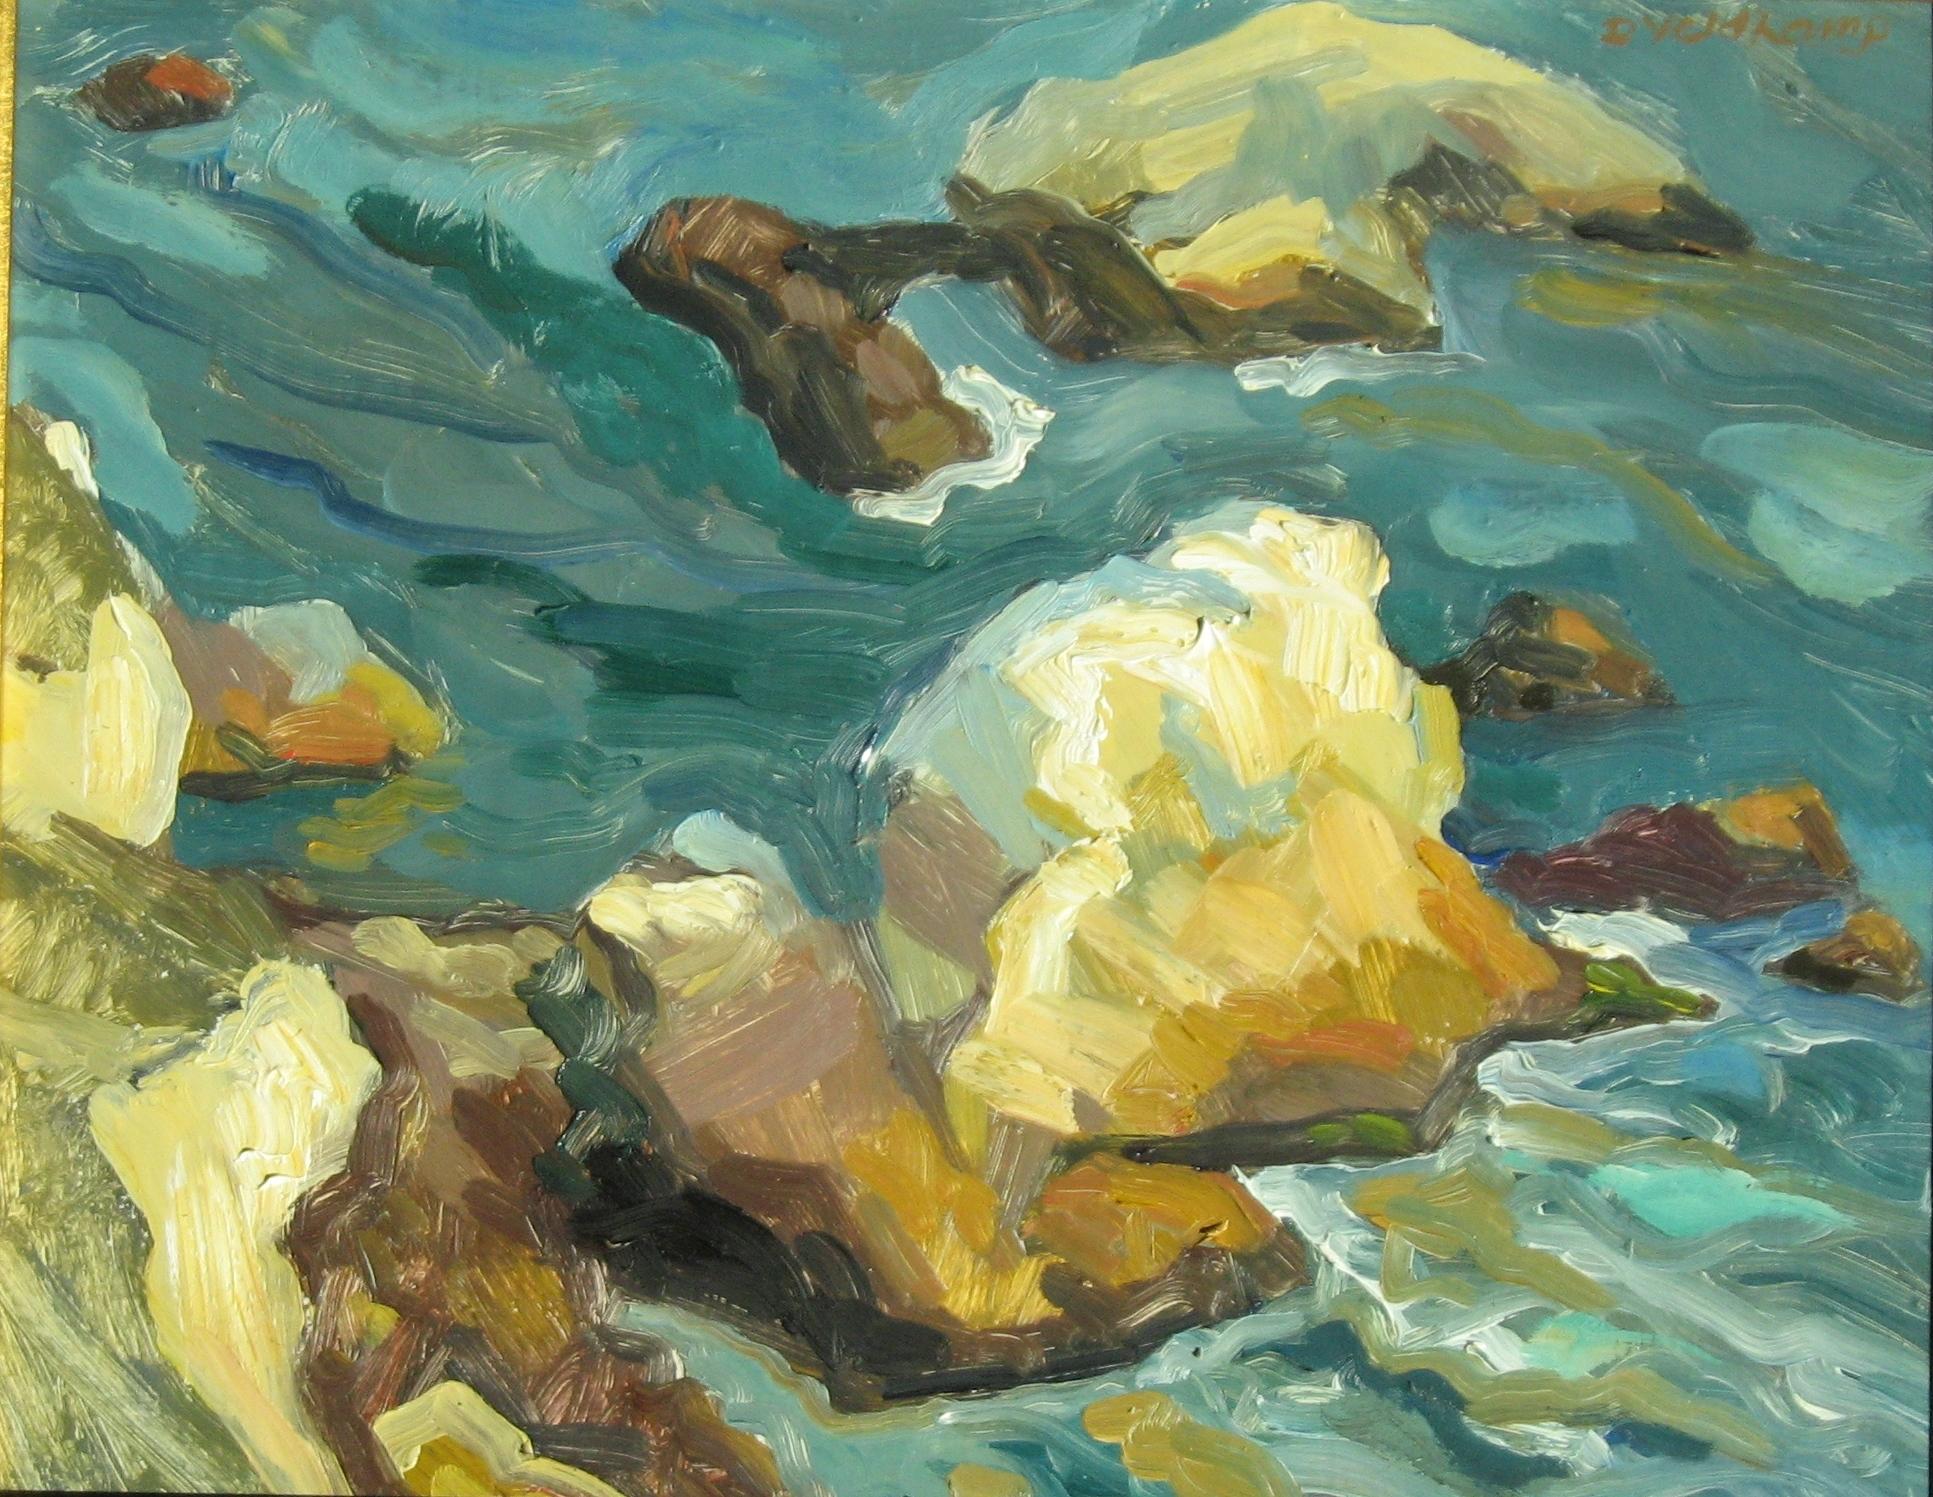 Last Light on Rocks, 2010 - UNAVAILABLE